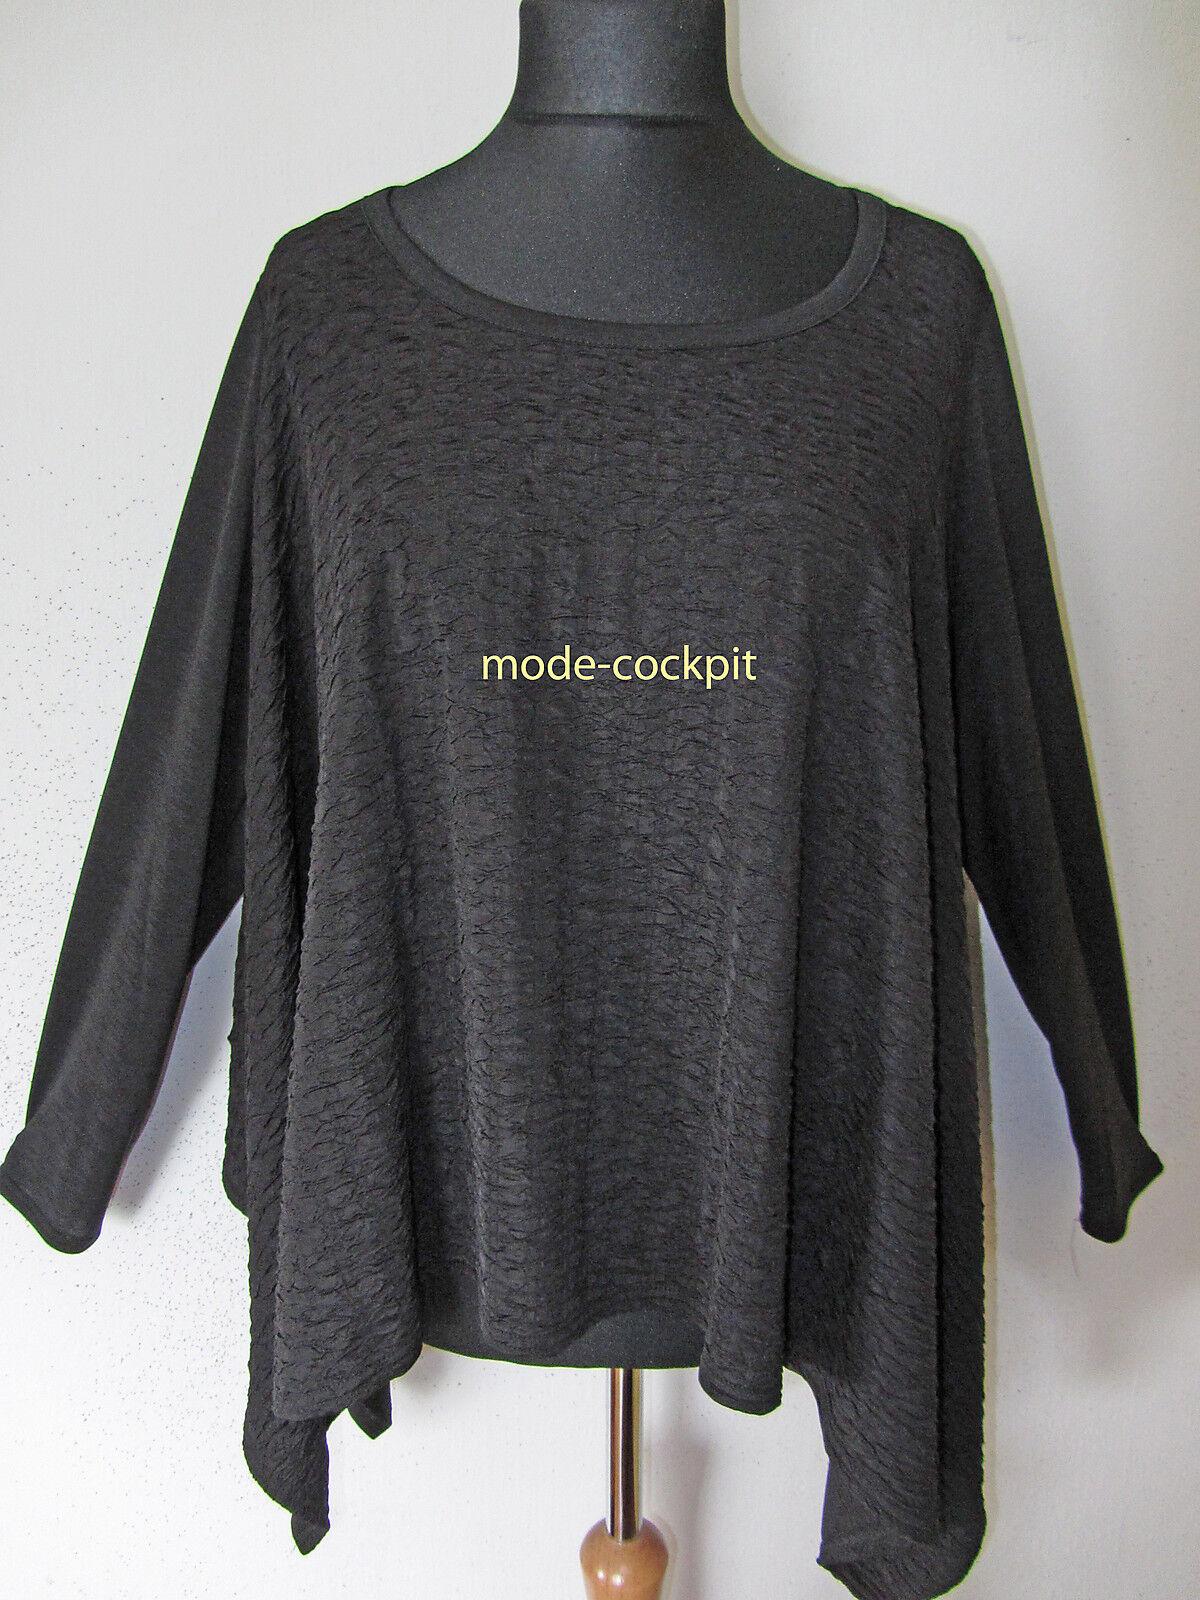 JEAN MARC PHILIPPE kastiges weites OverGröße Shirt Überwurf schwarz T6 48-50